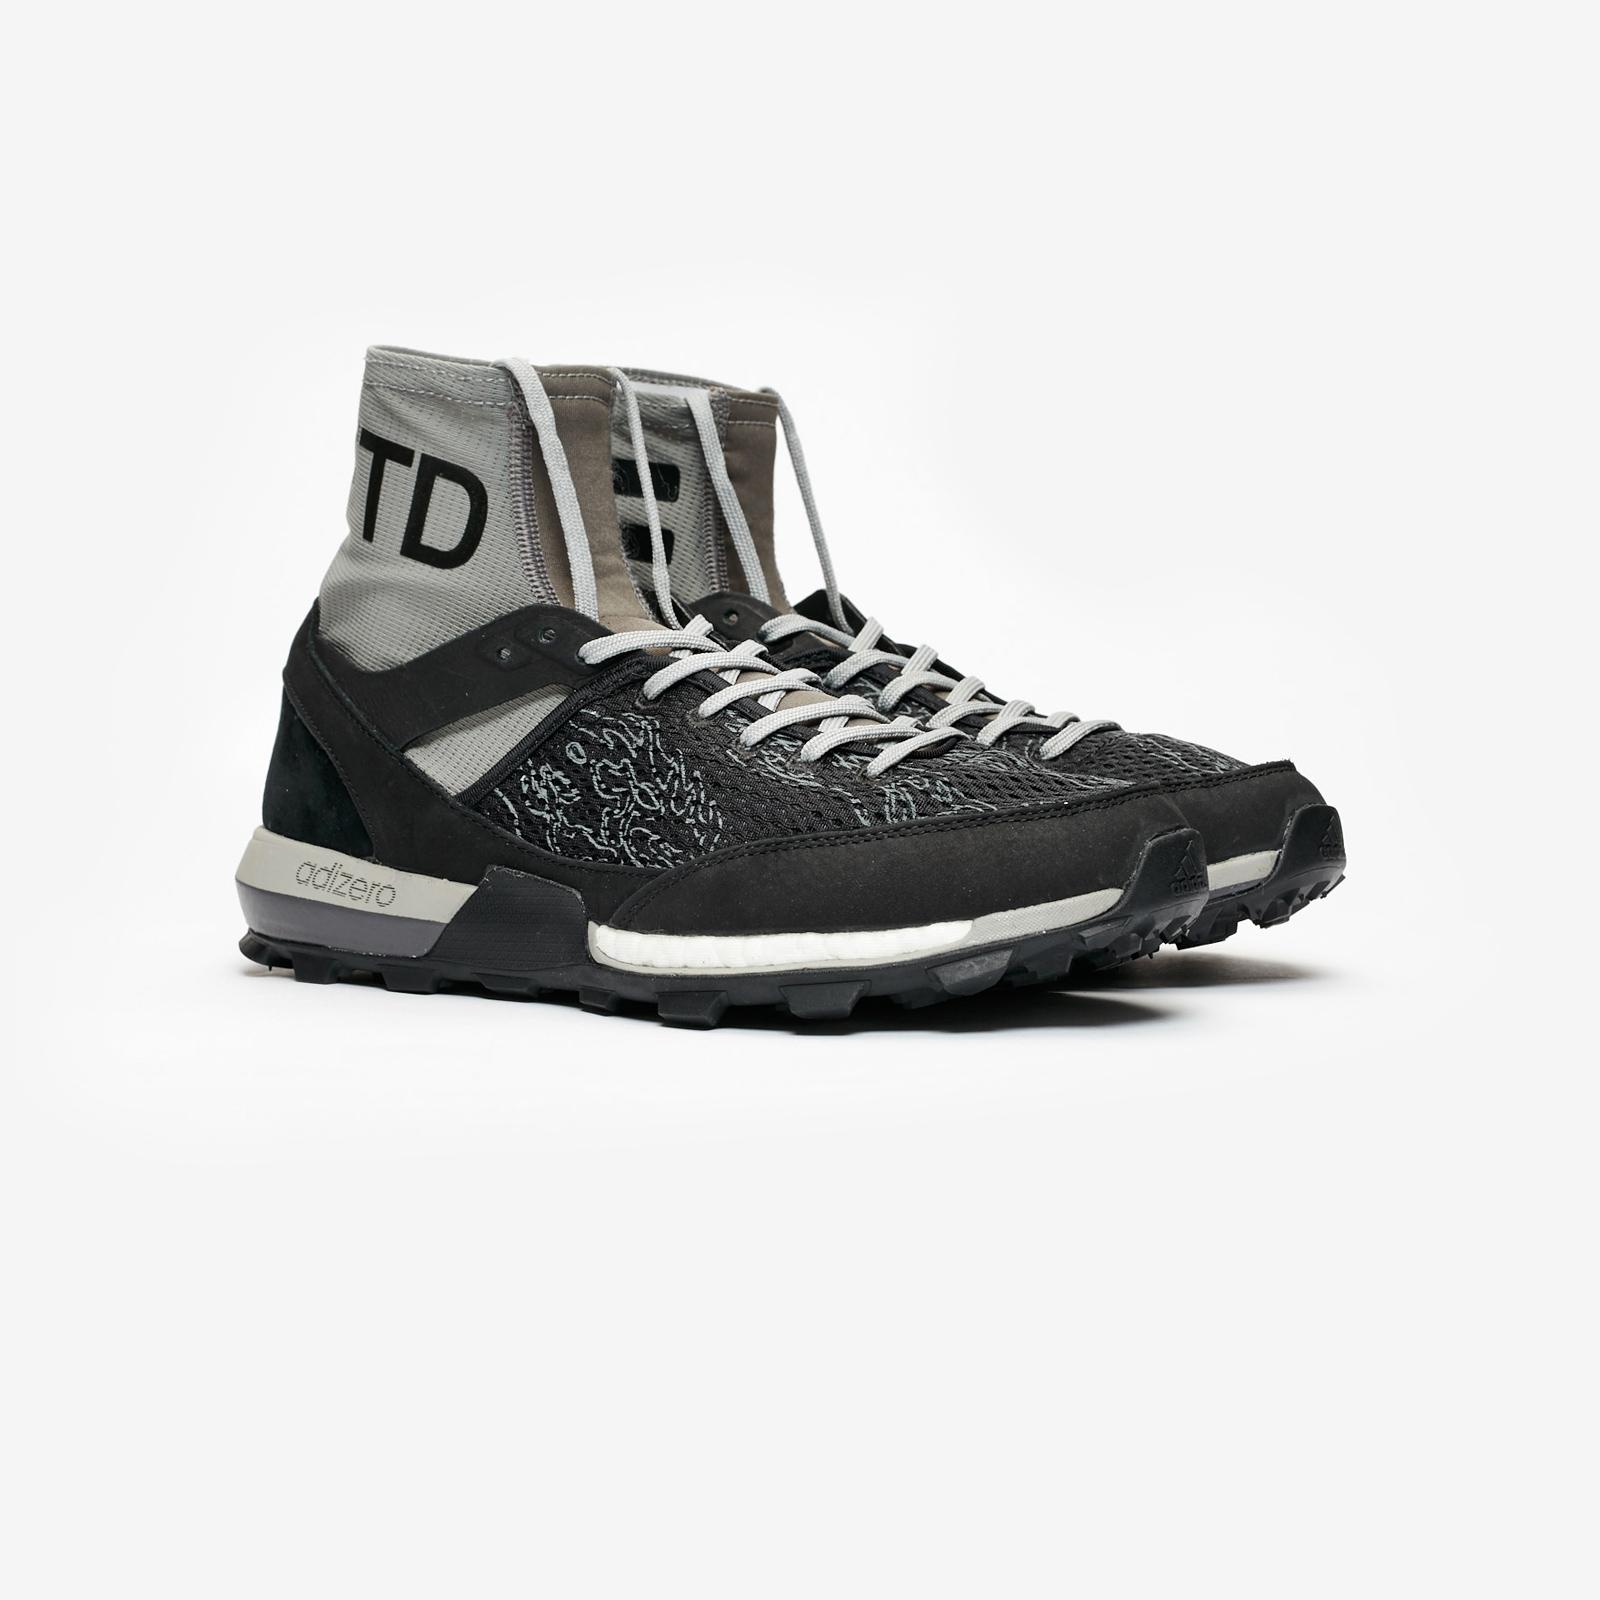 4f430e1b954f9 adidas Adizero XT Boost x UNDFTD - Cg7169 - Sneakersnstuff ...